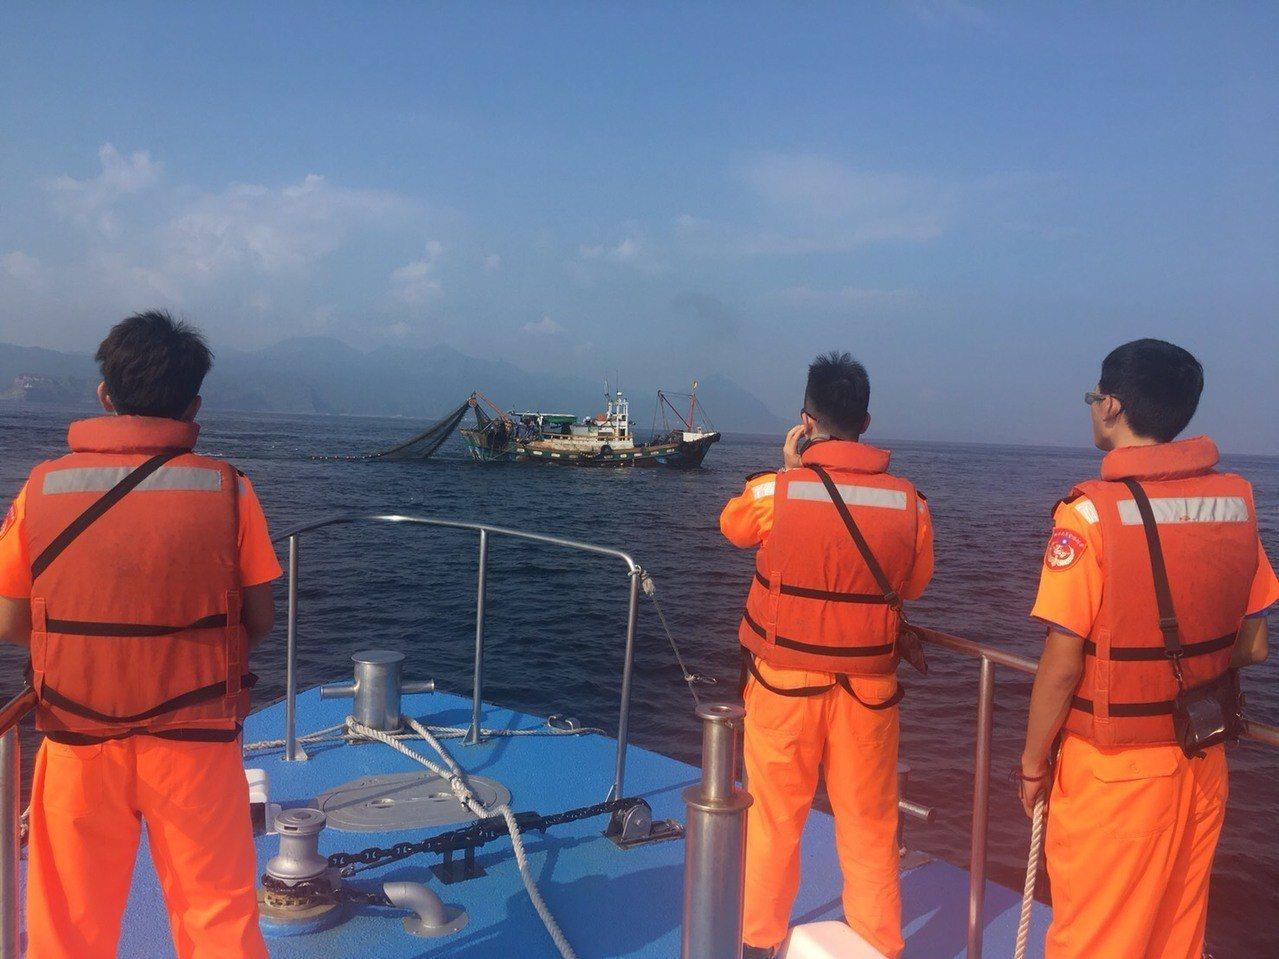 宜蘭籍一艘漁船,今天上午7時許,在鼻頭外海涉嫌違規拖網作業。圖/基隆海巡隊提供